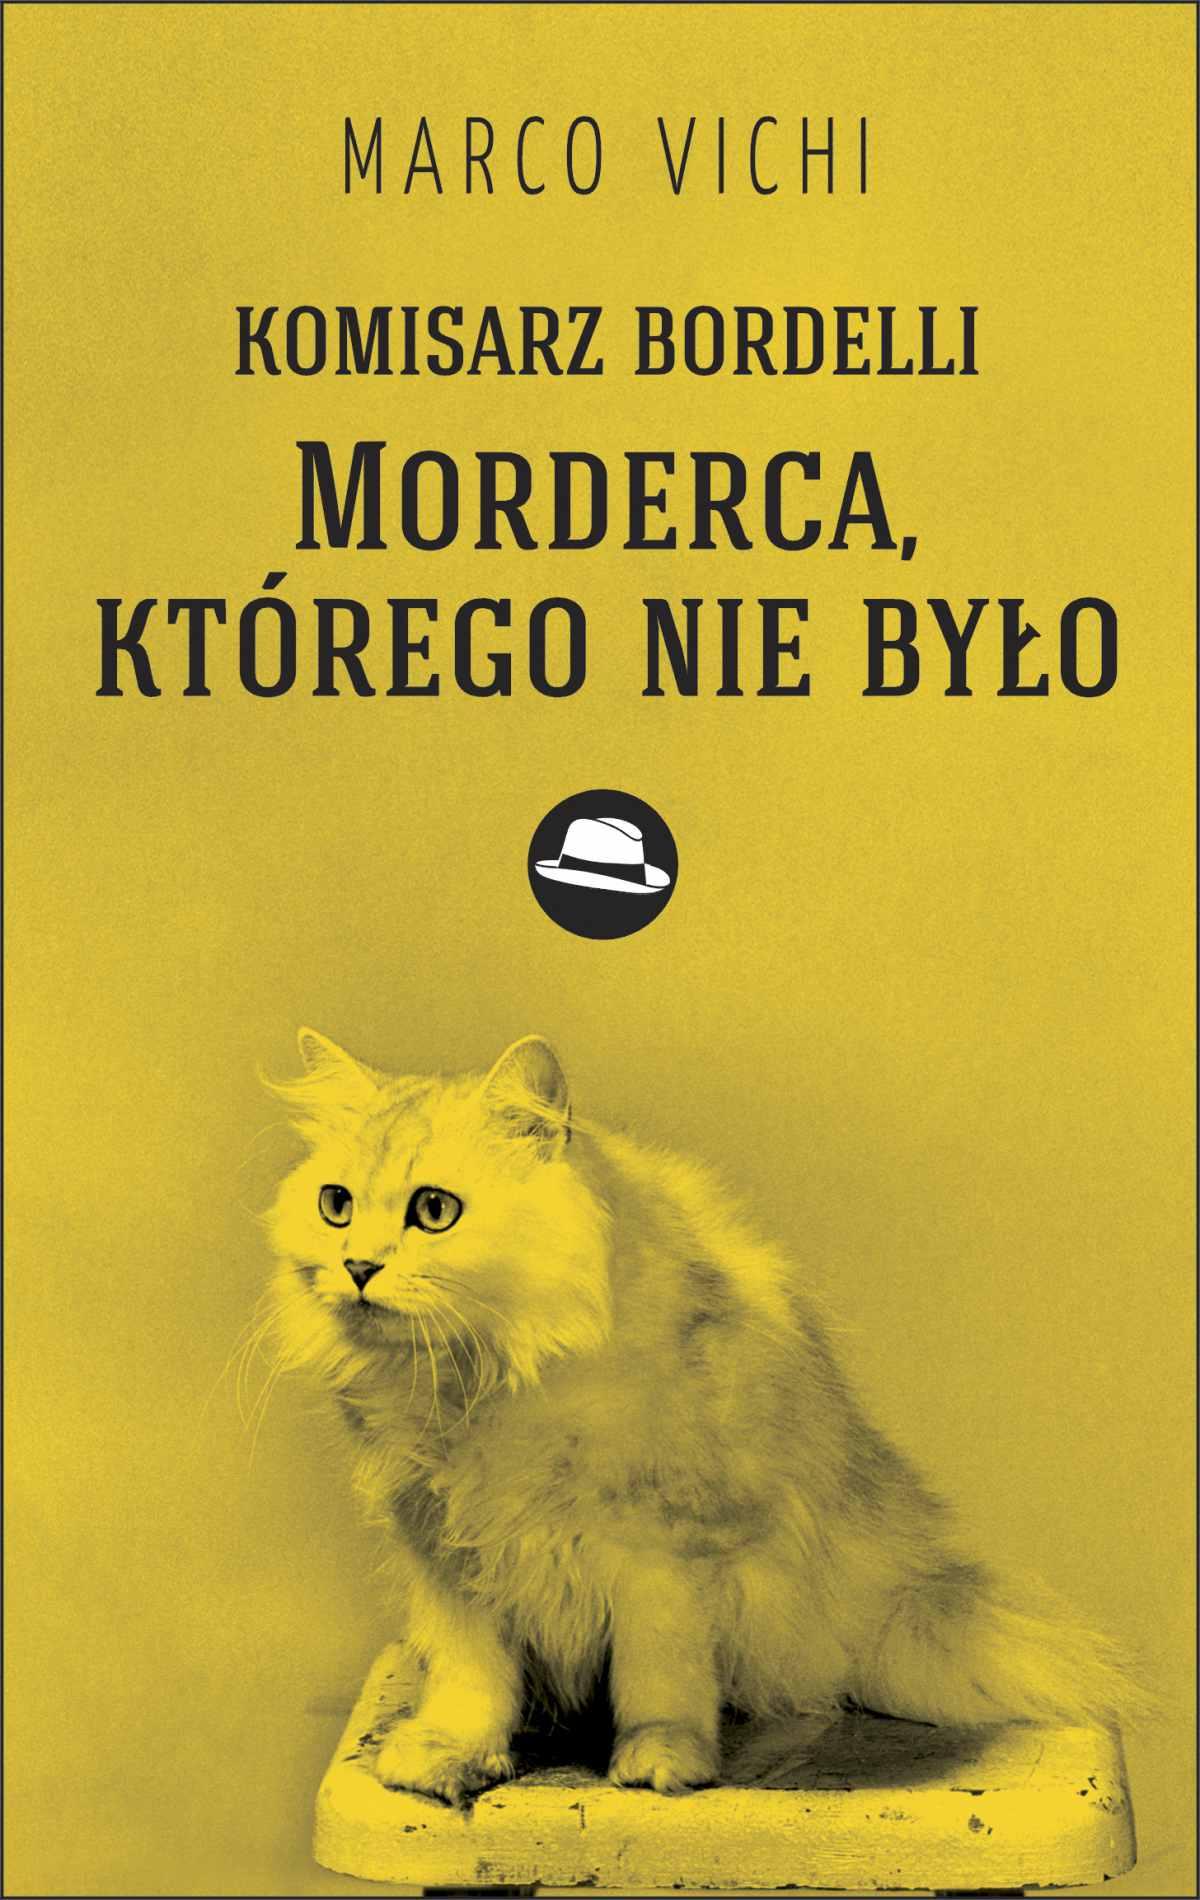 Komisarz Bordelli: Morderca, którego nie było - Ebook (Książka EPUB) do pobrania w formacie EPUB